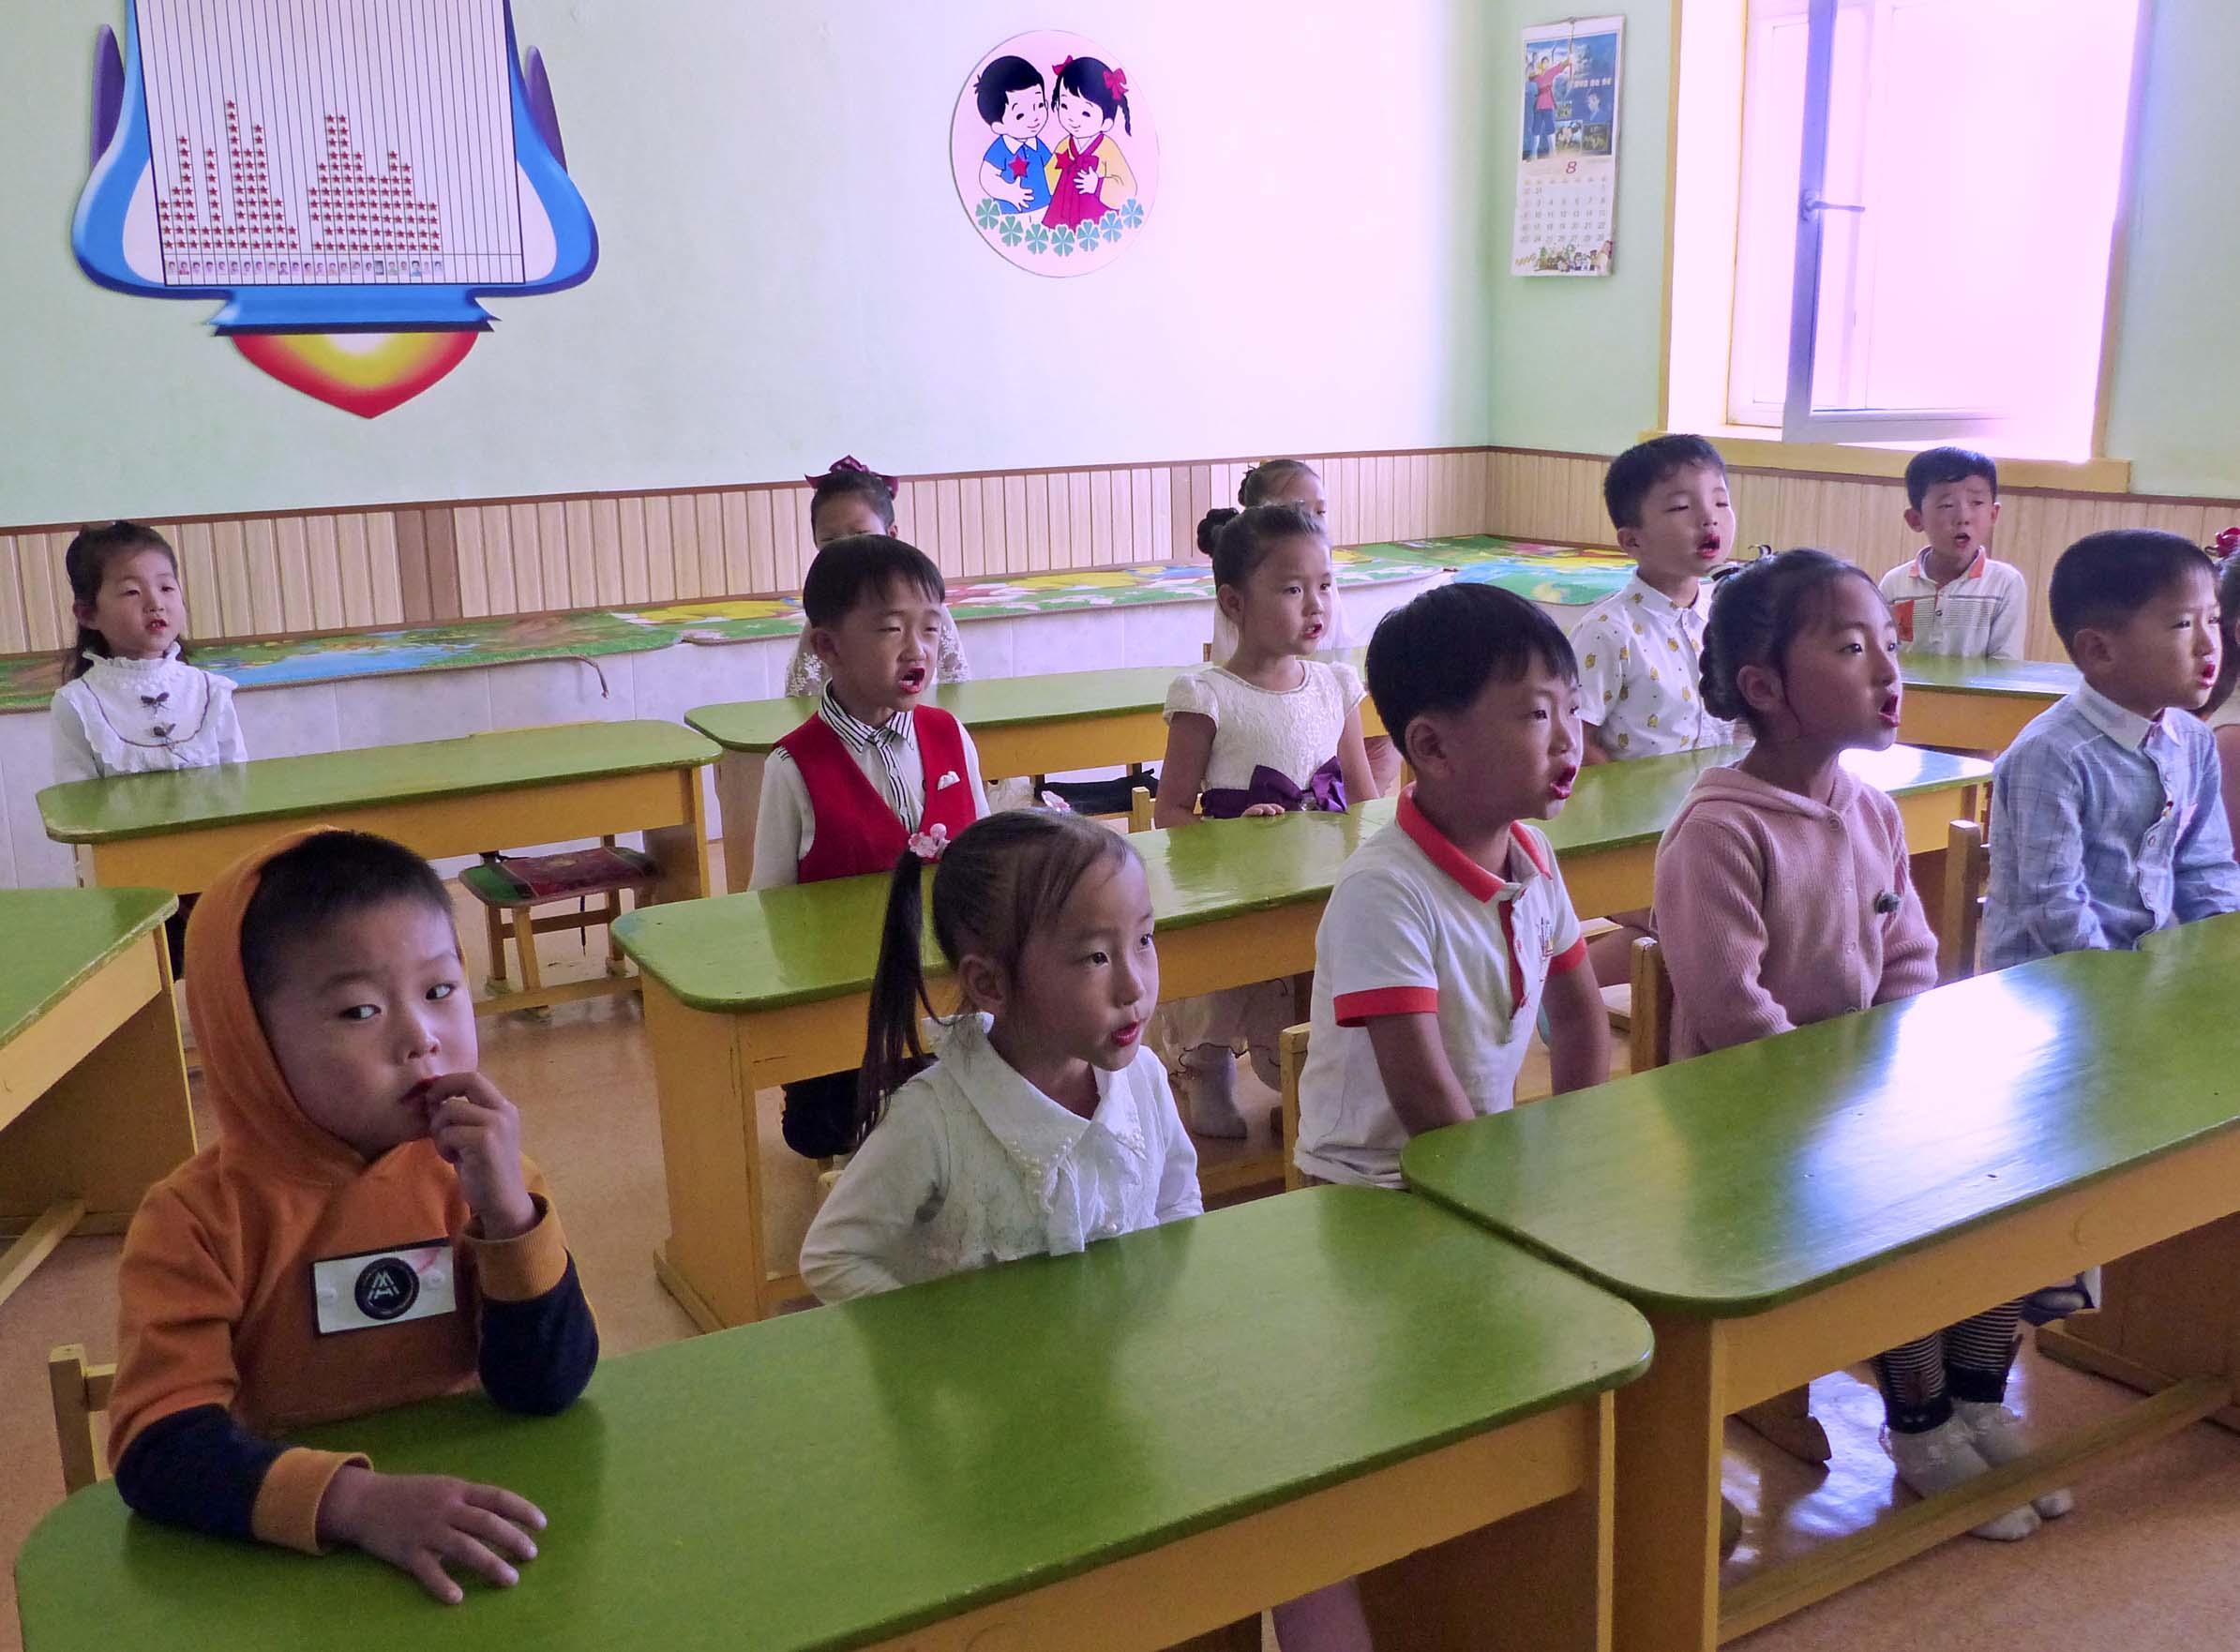 A class of small children